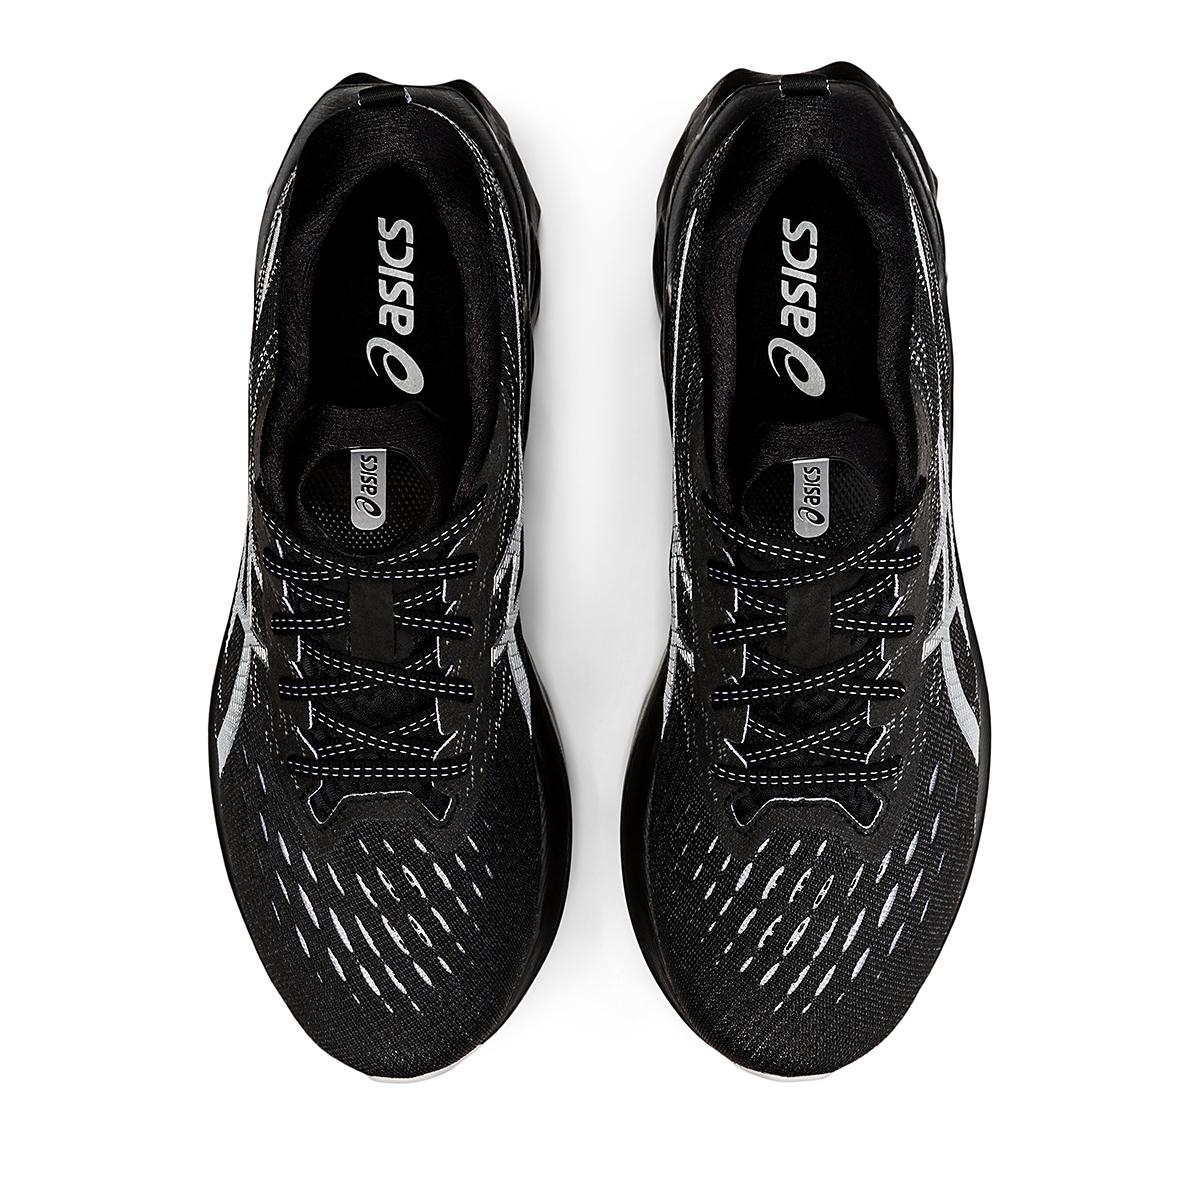 Men's Asics Novablast 2 Running Shoe - Color: Black/Pure Silver - Size: 6 - Width: Regular, Black/Pure Silver, large, image 5